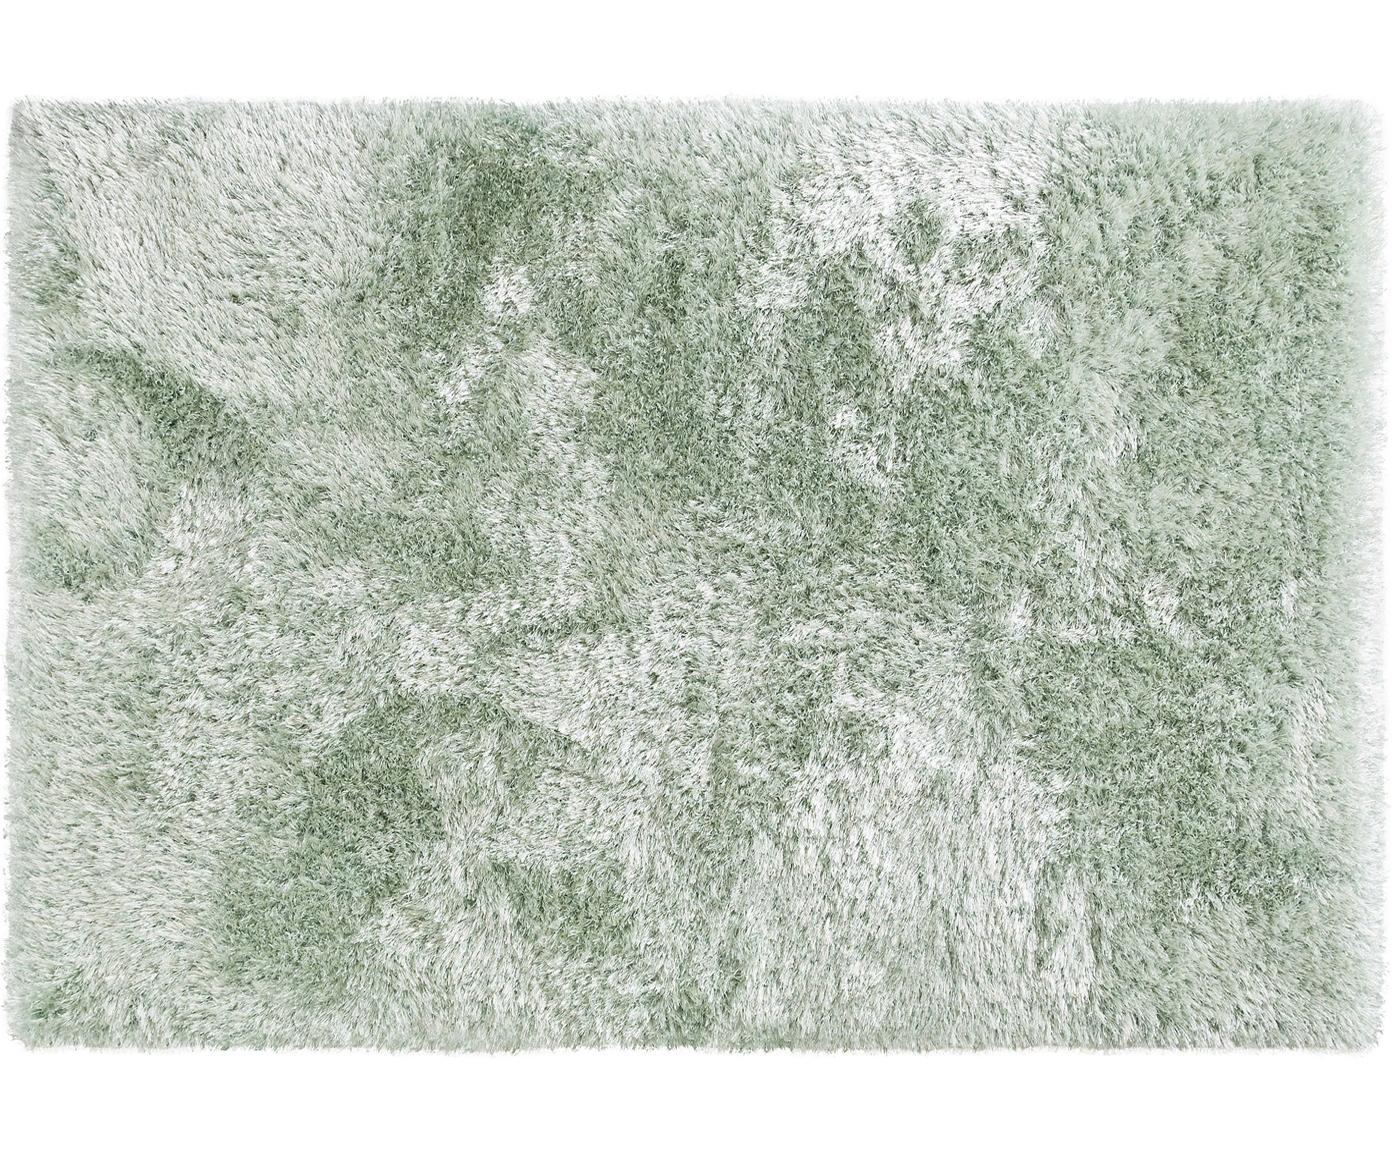 Dywan z wysokim stosem Lea, 50% poliester, 50% polipropylen, Zielony, S 140 x D 200 cm (Rozmiar S)